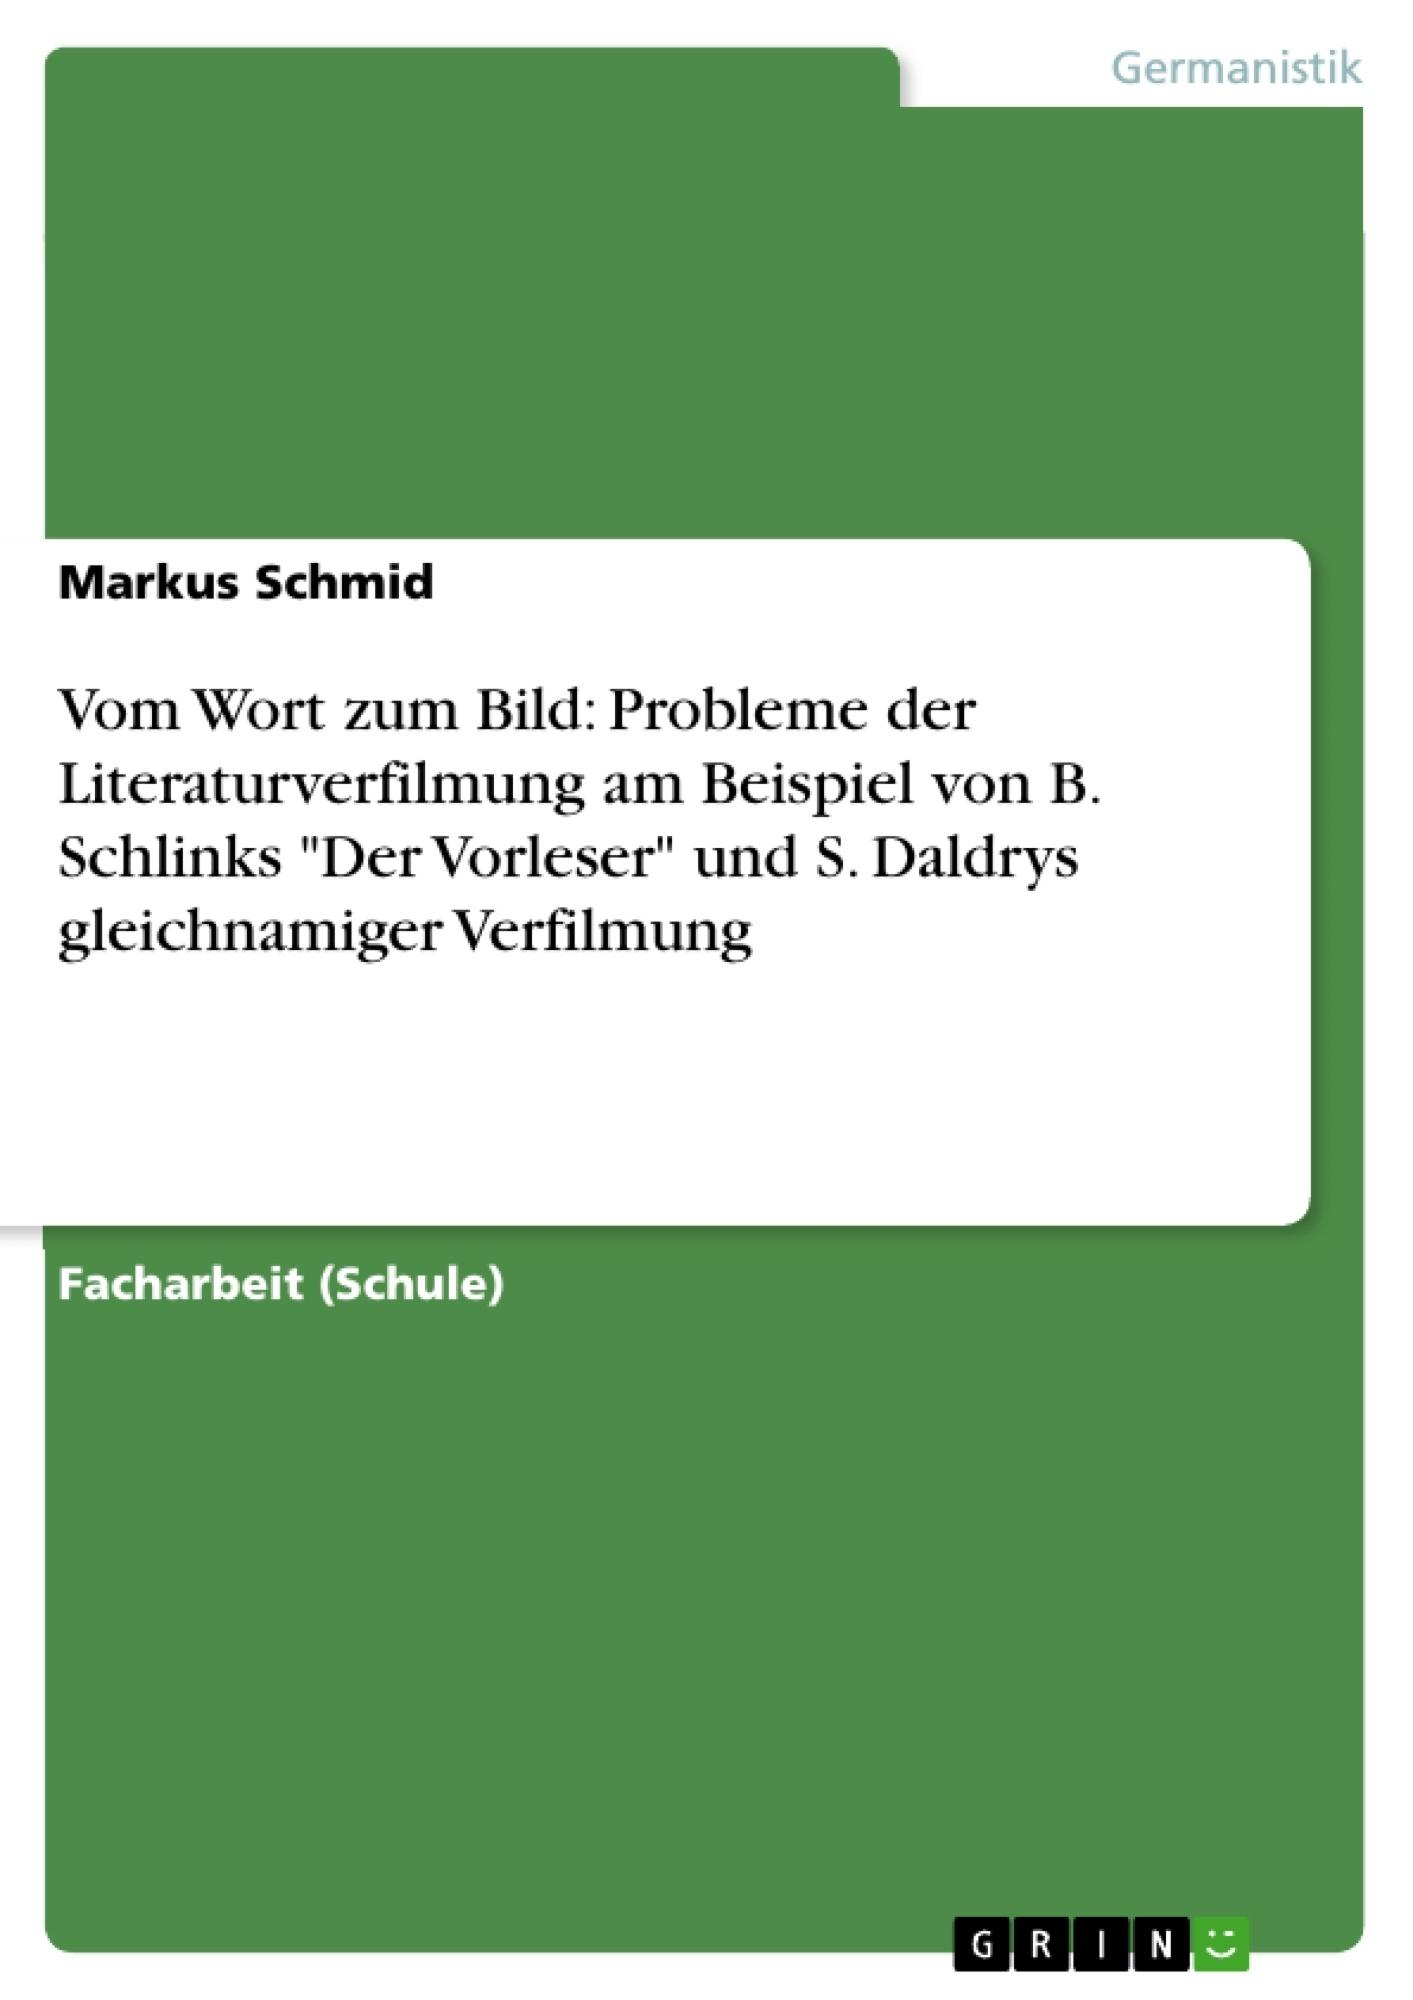 """Titel: Vom Wort zum Bild: Probleme der Literaturverfilmung am Beispiel von B. Schlinks """"Der Vorleser"""" und S. Daldrys gleichnamiger Verfilmung"""